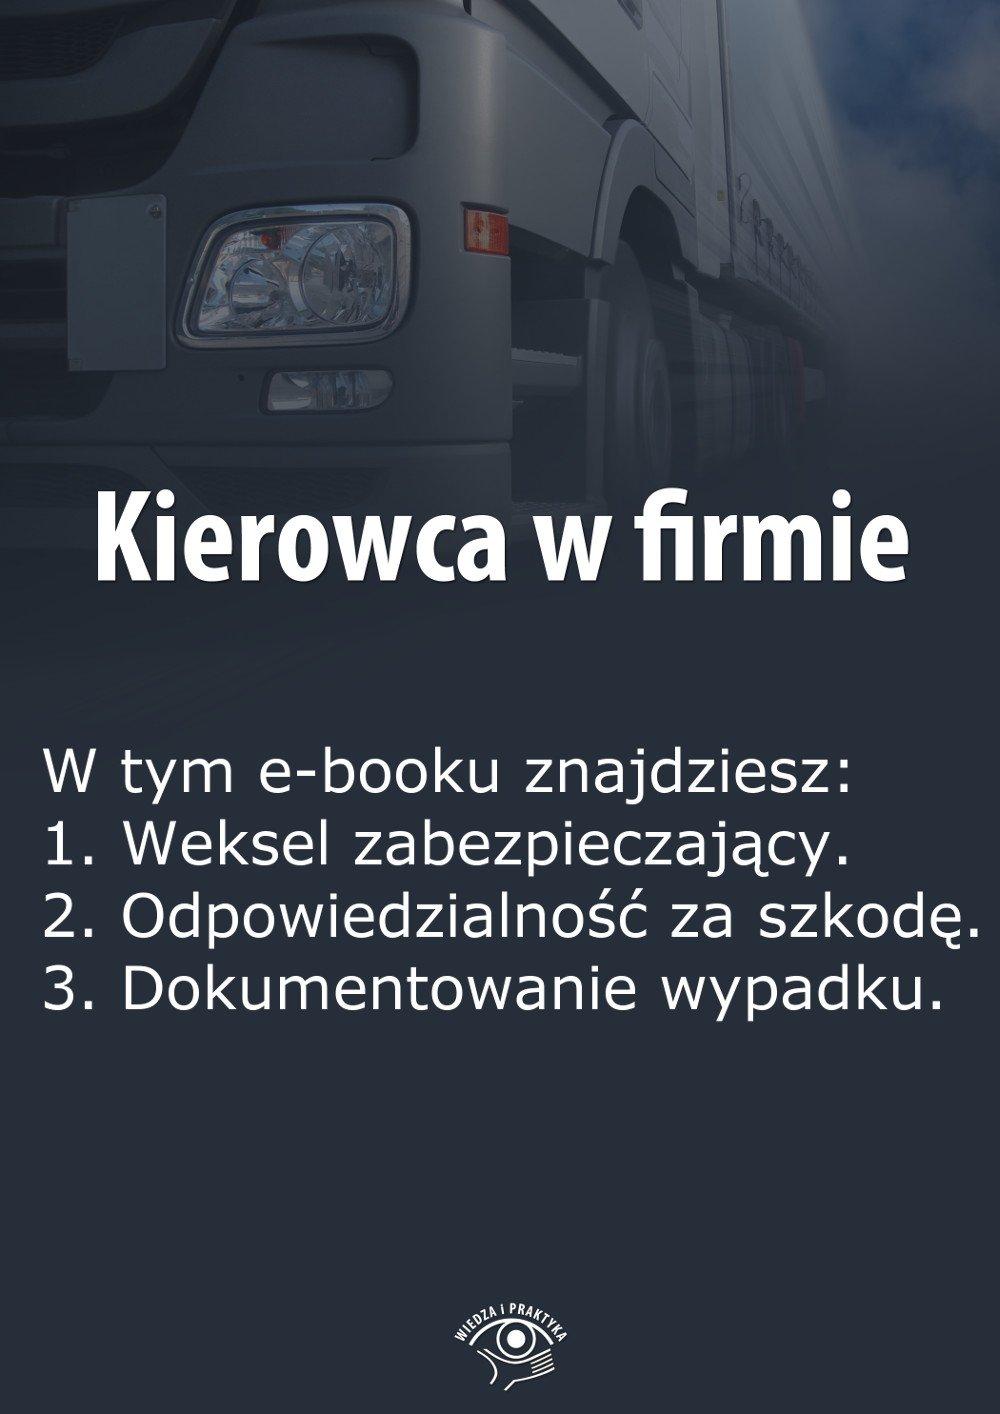 Kierowca w firmie. Wydanie specjalne czerwiec 2014 r. - Ebook (Książka EPUB) do pobrania w formacie EPUB